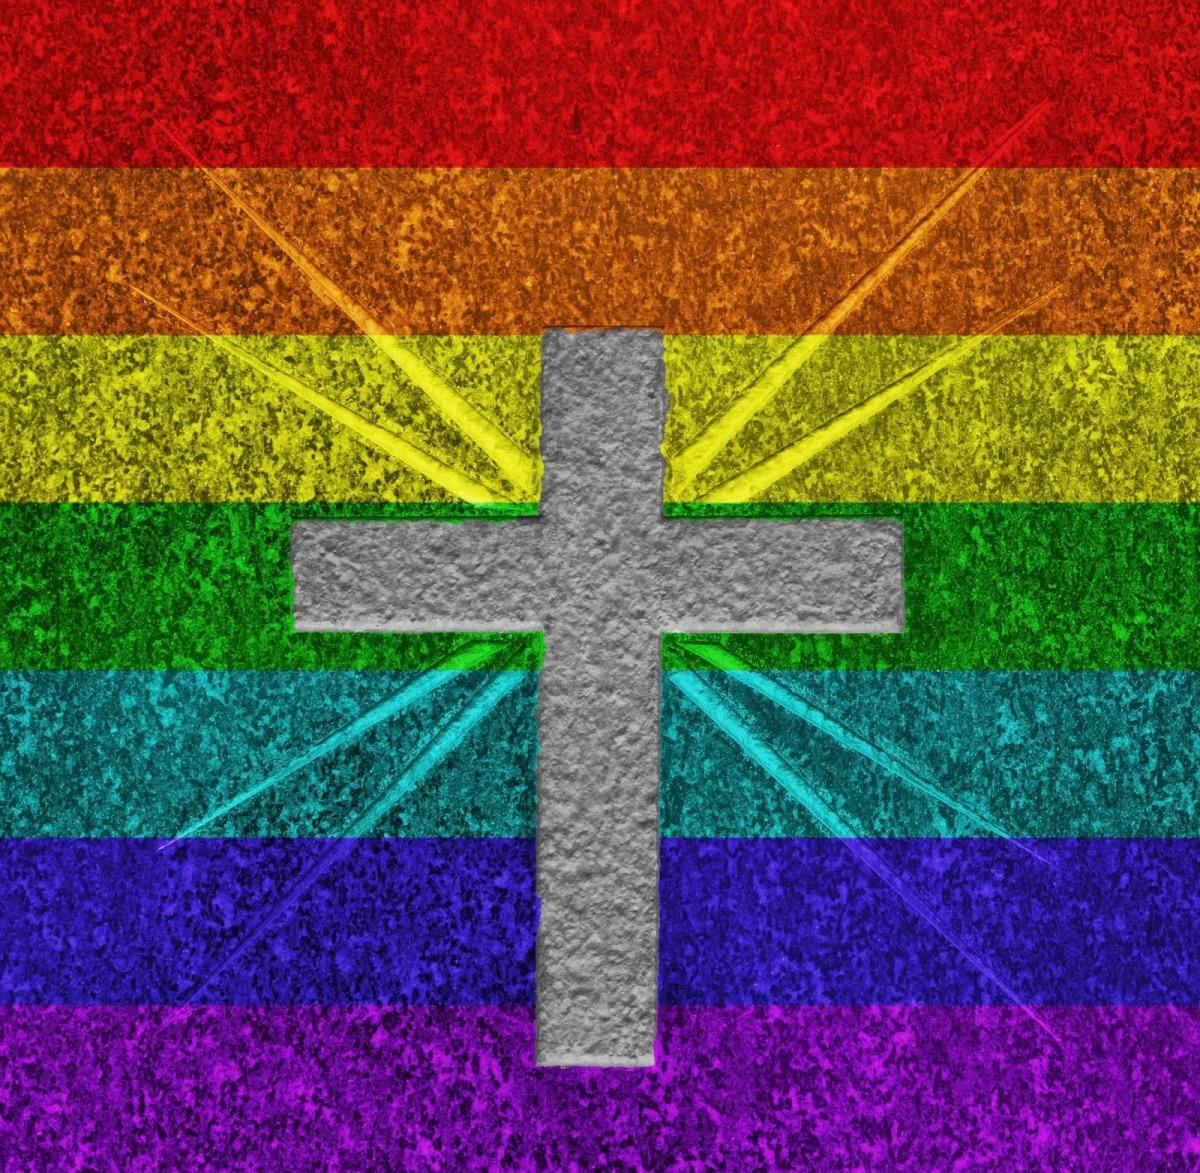 La homosexualidad y el cristianismo no tienen por qué estar enconflicto